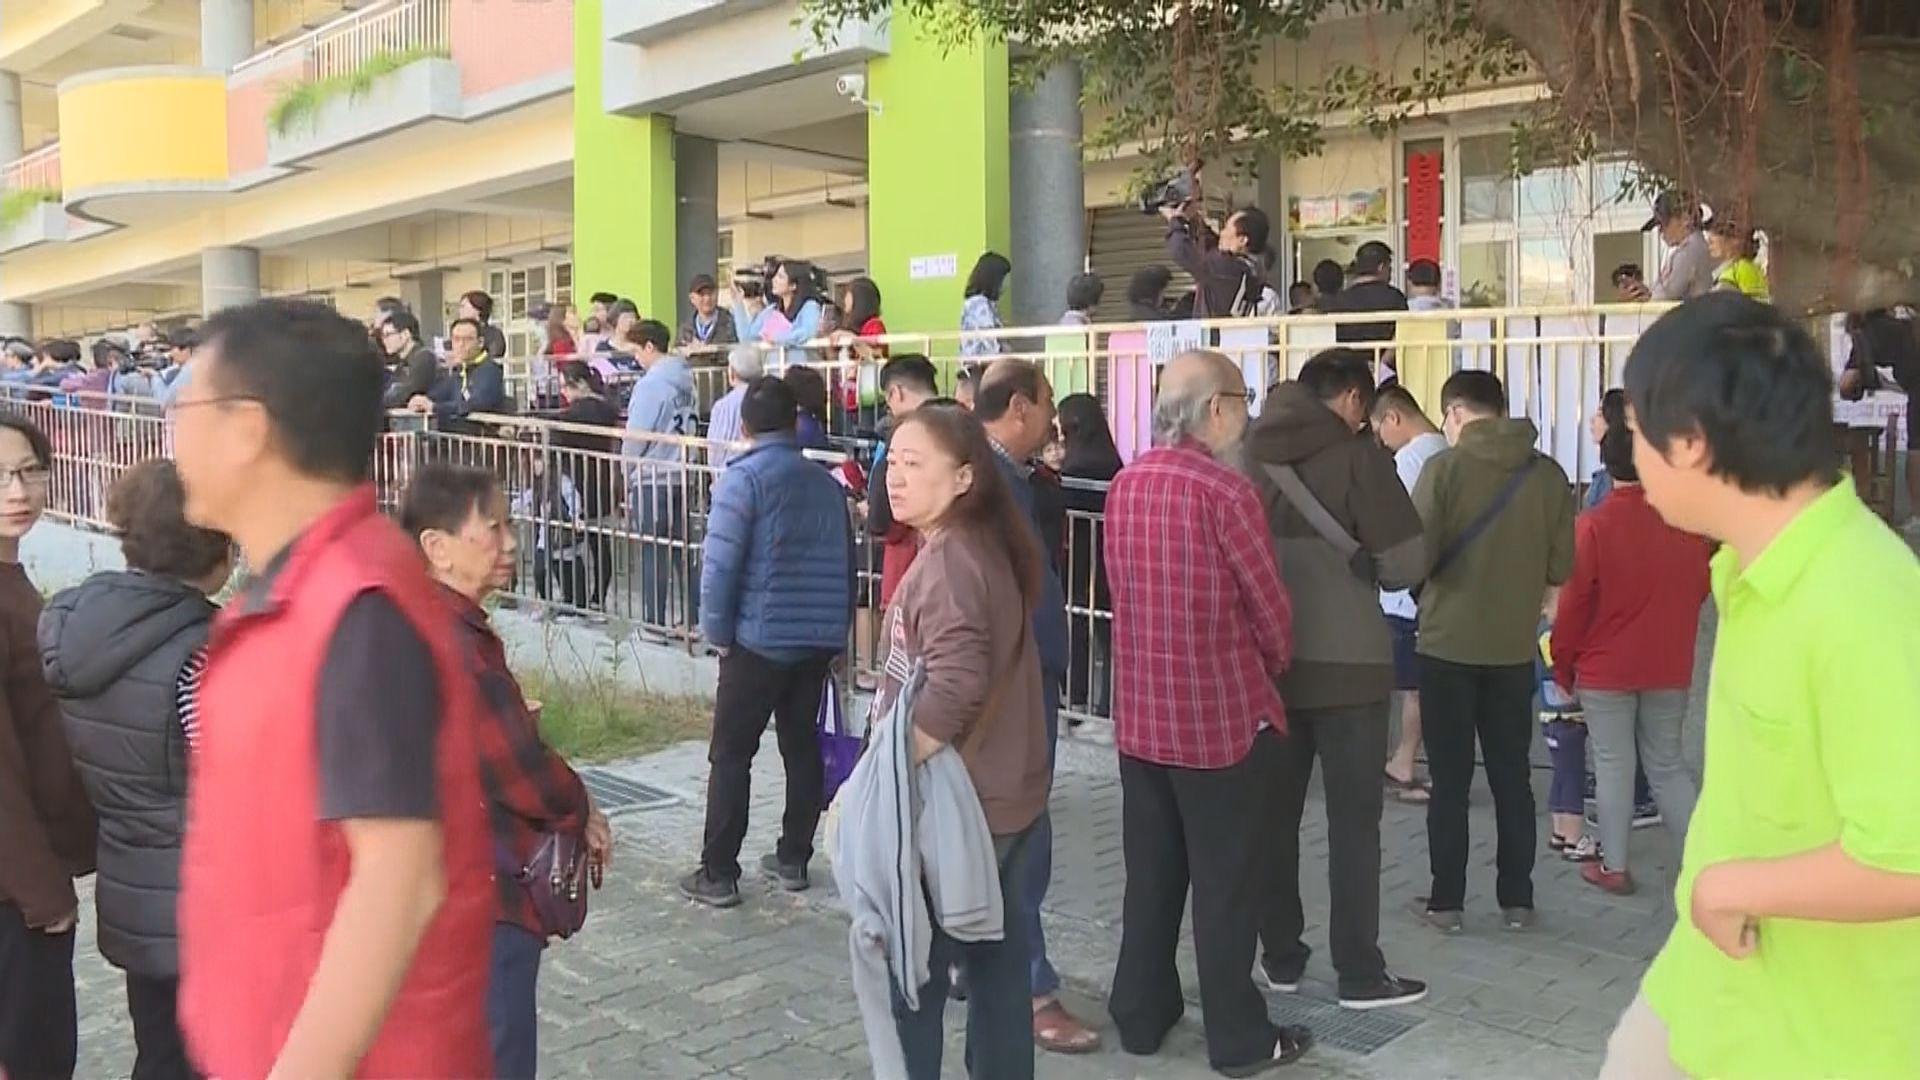 九合一選舉 投票安排混亂多地票站現人龍